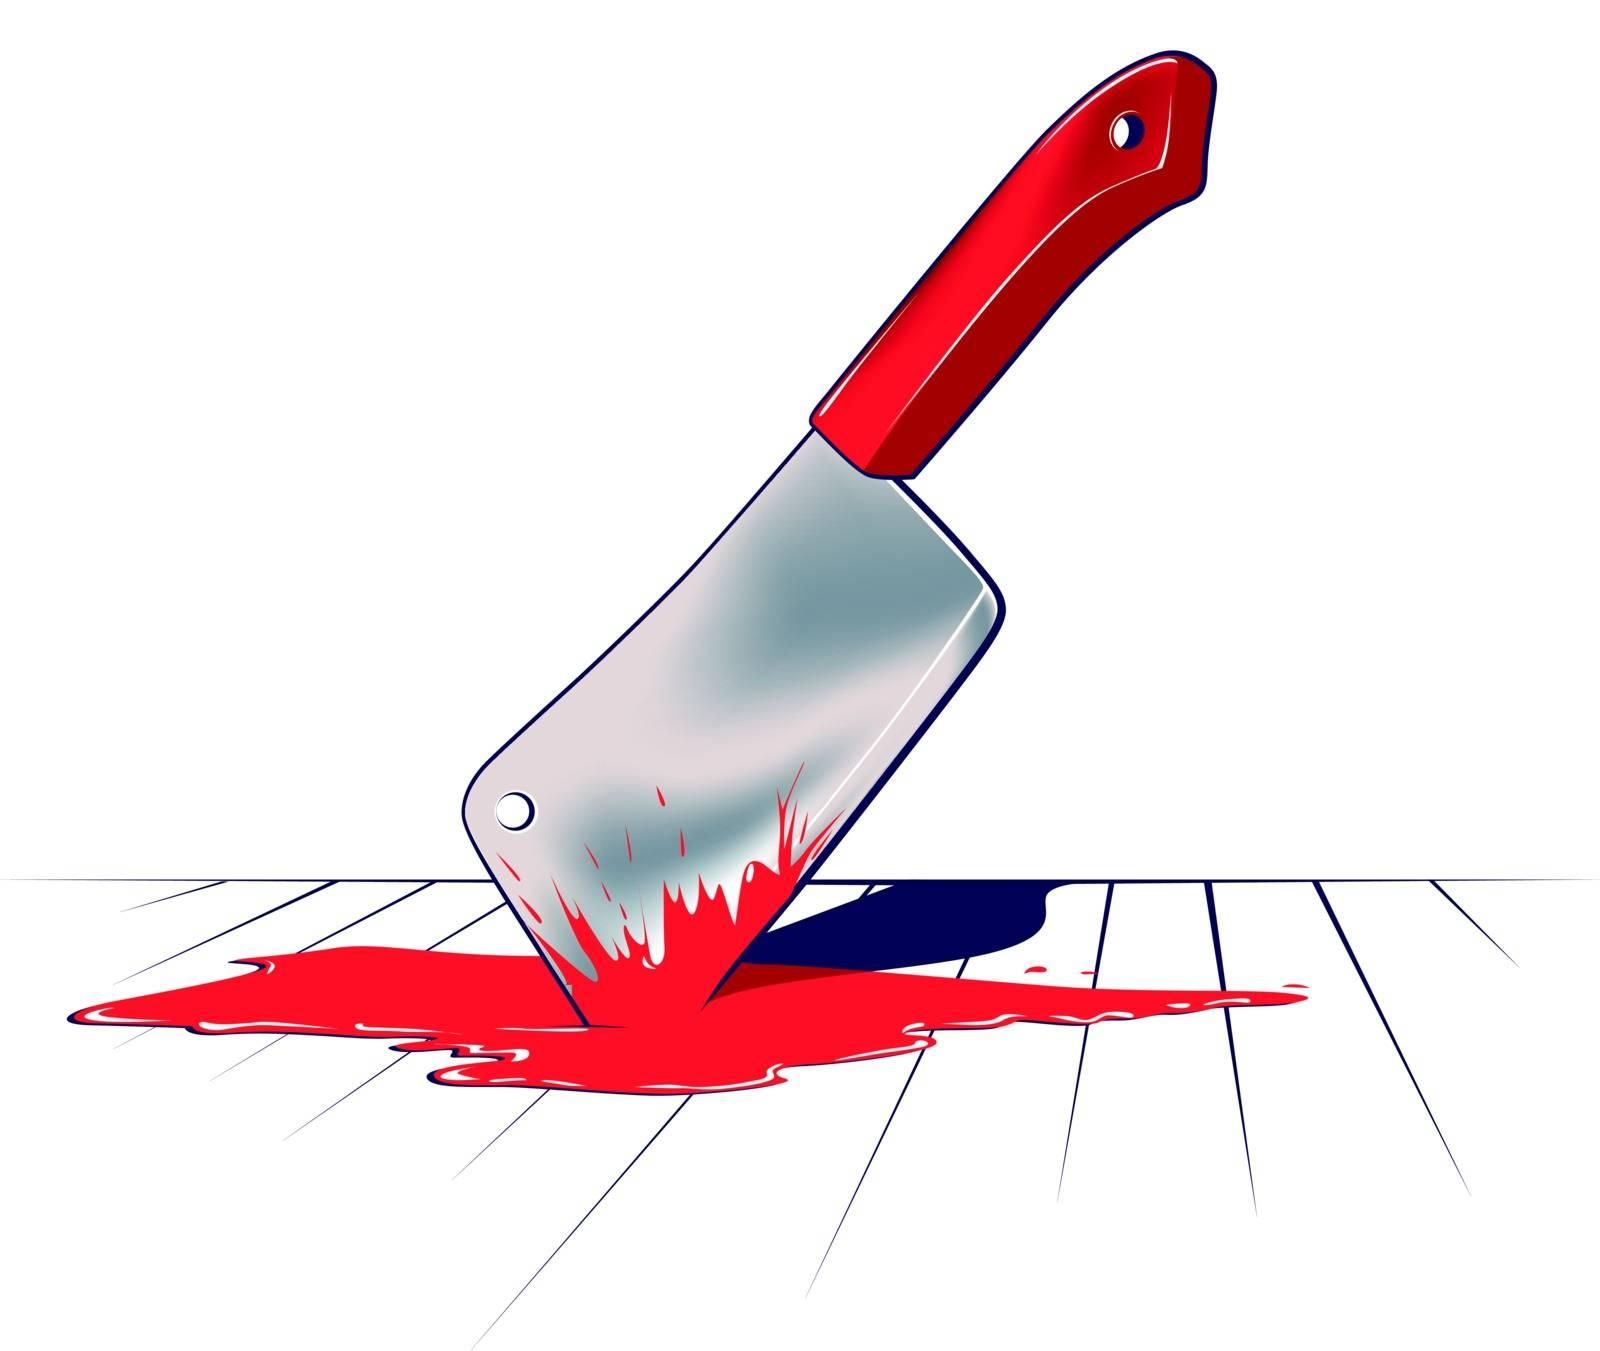 sharp kitchen knife blade in blood